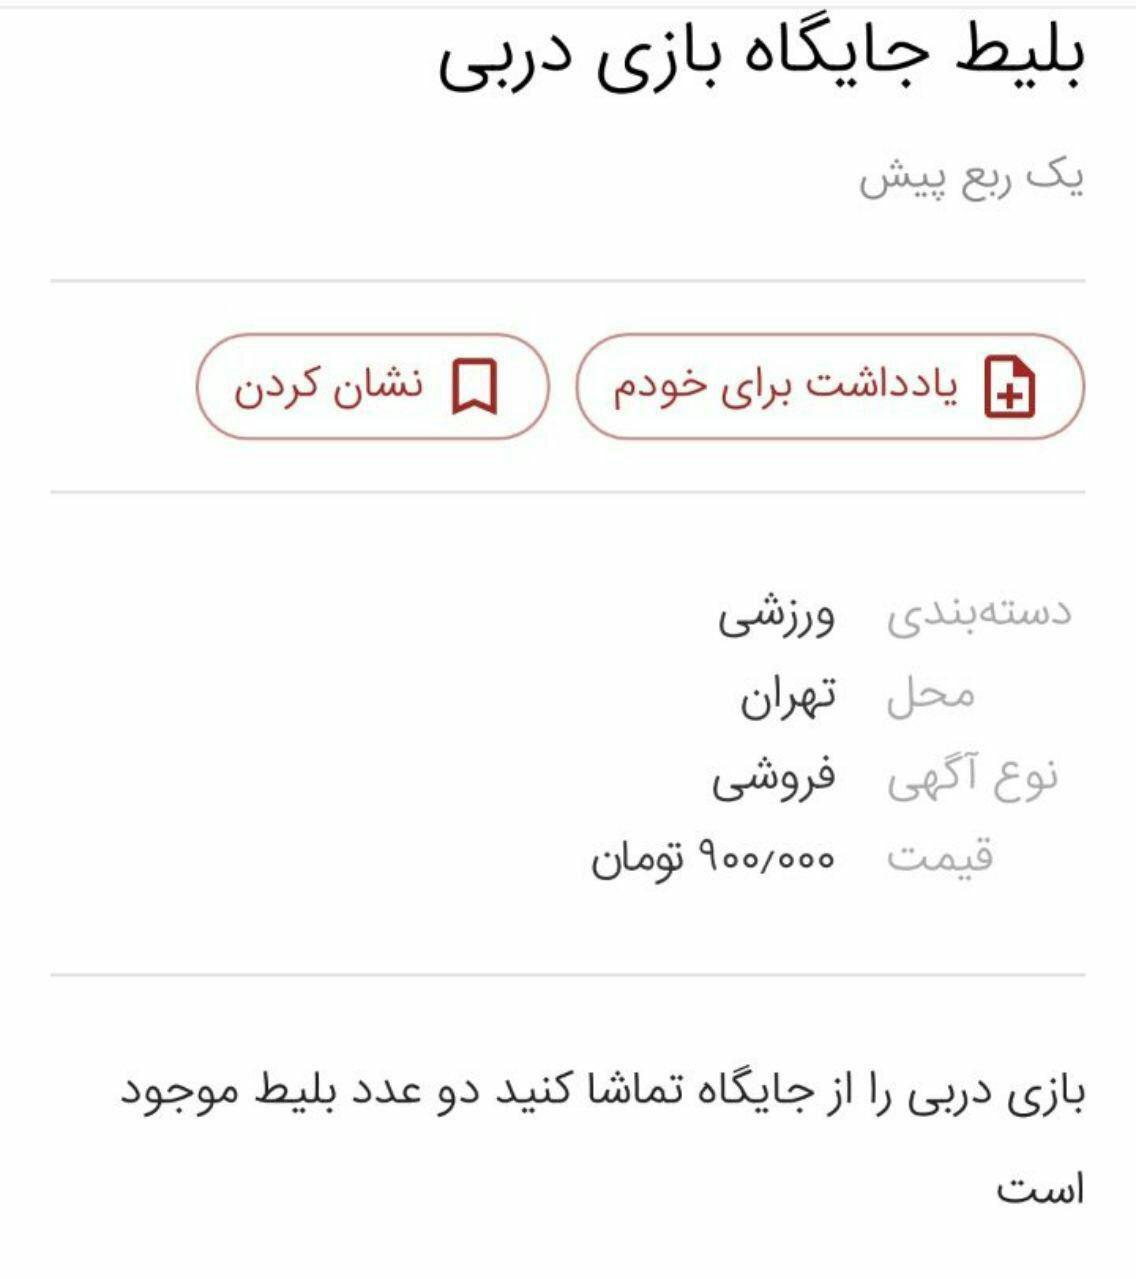 بلیتهای نجومی دربی پایتخت! (+ عکس)